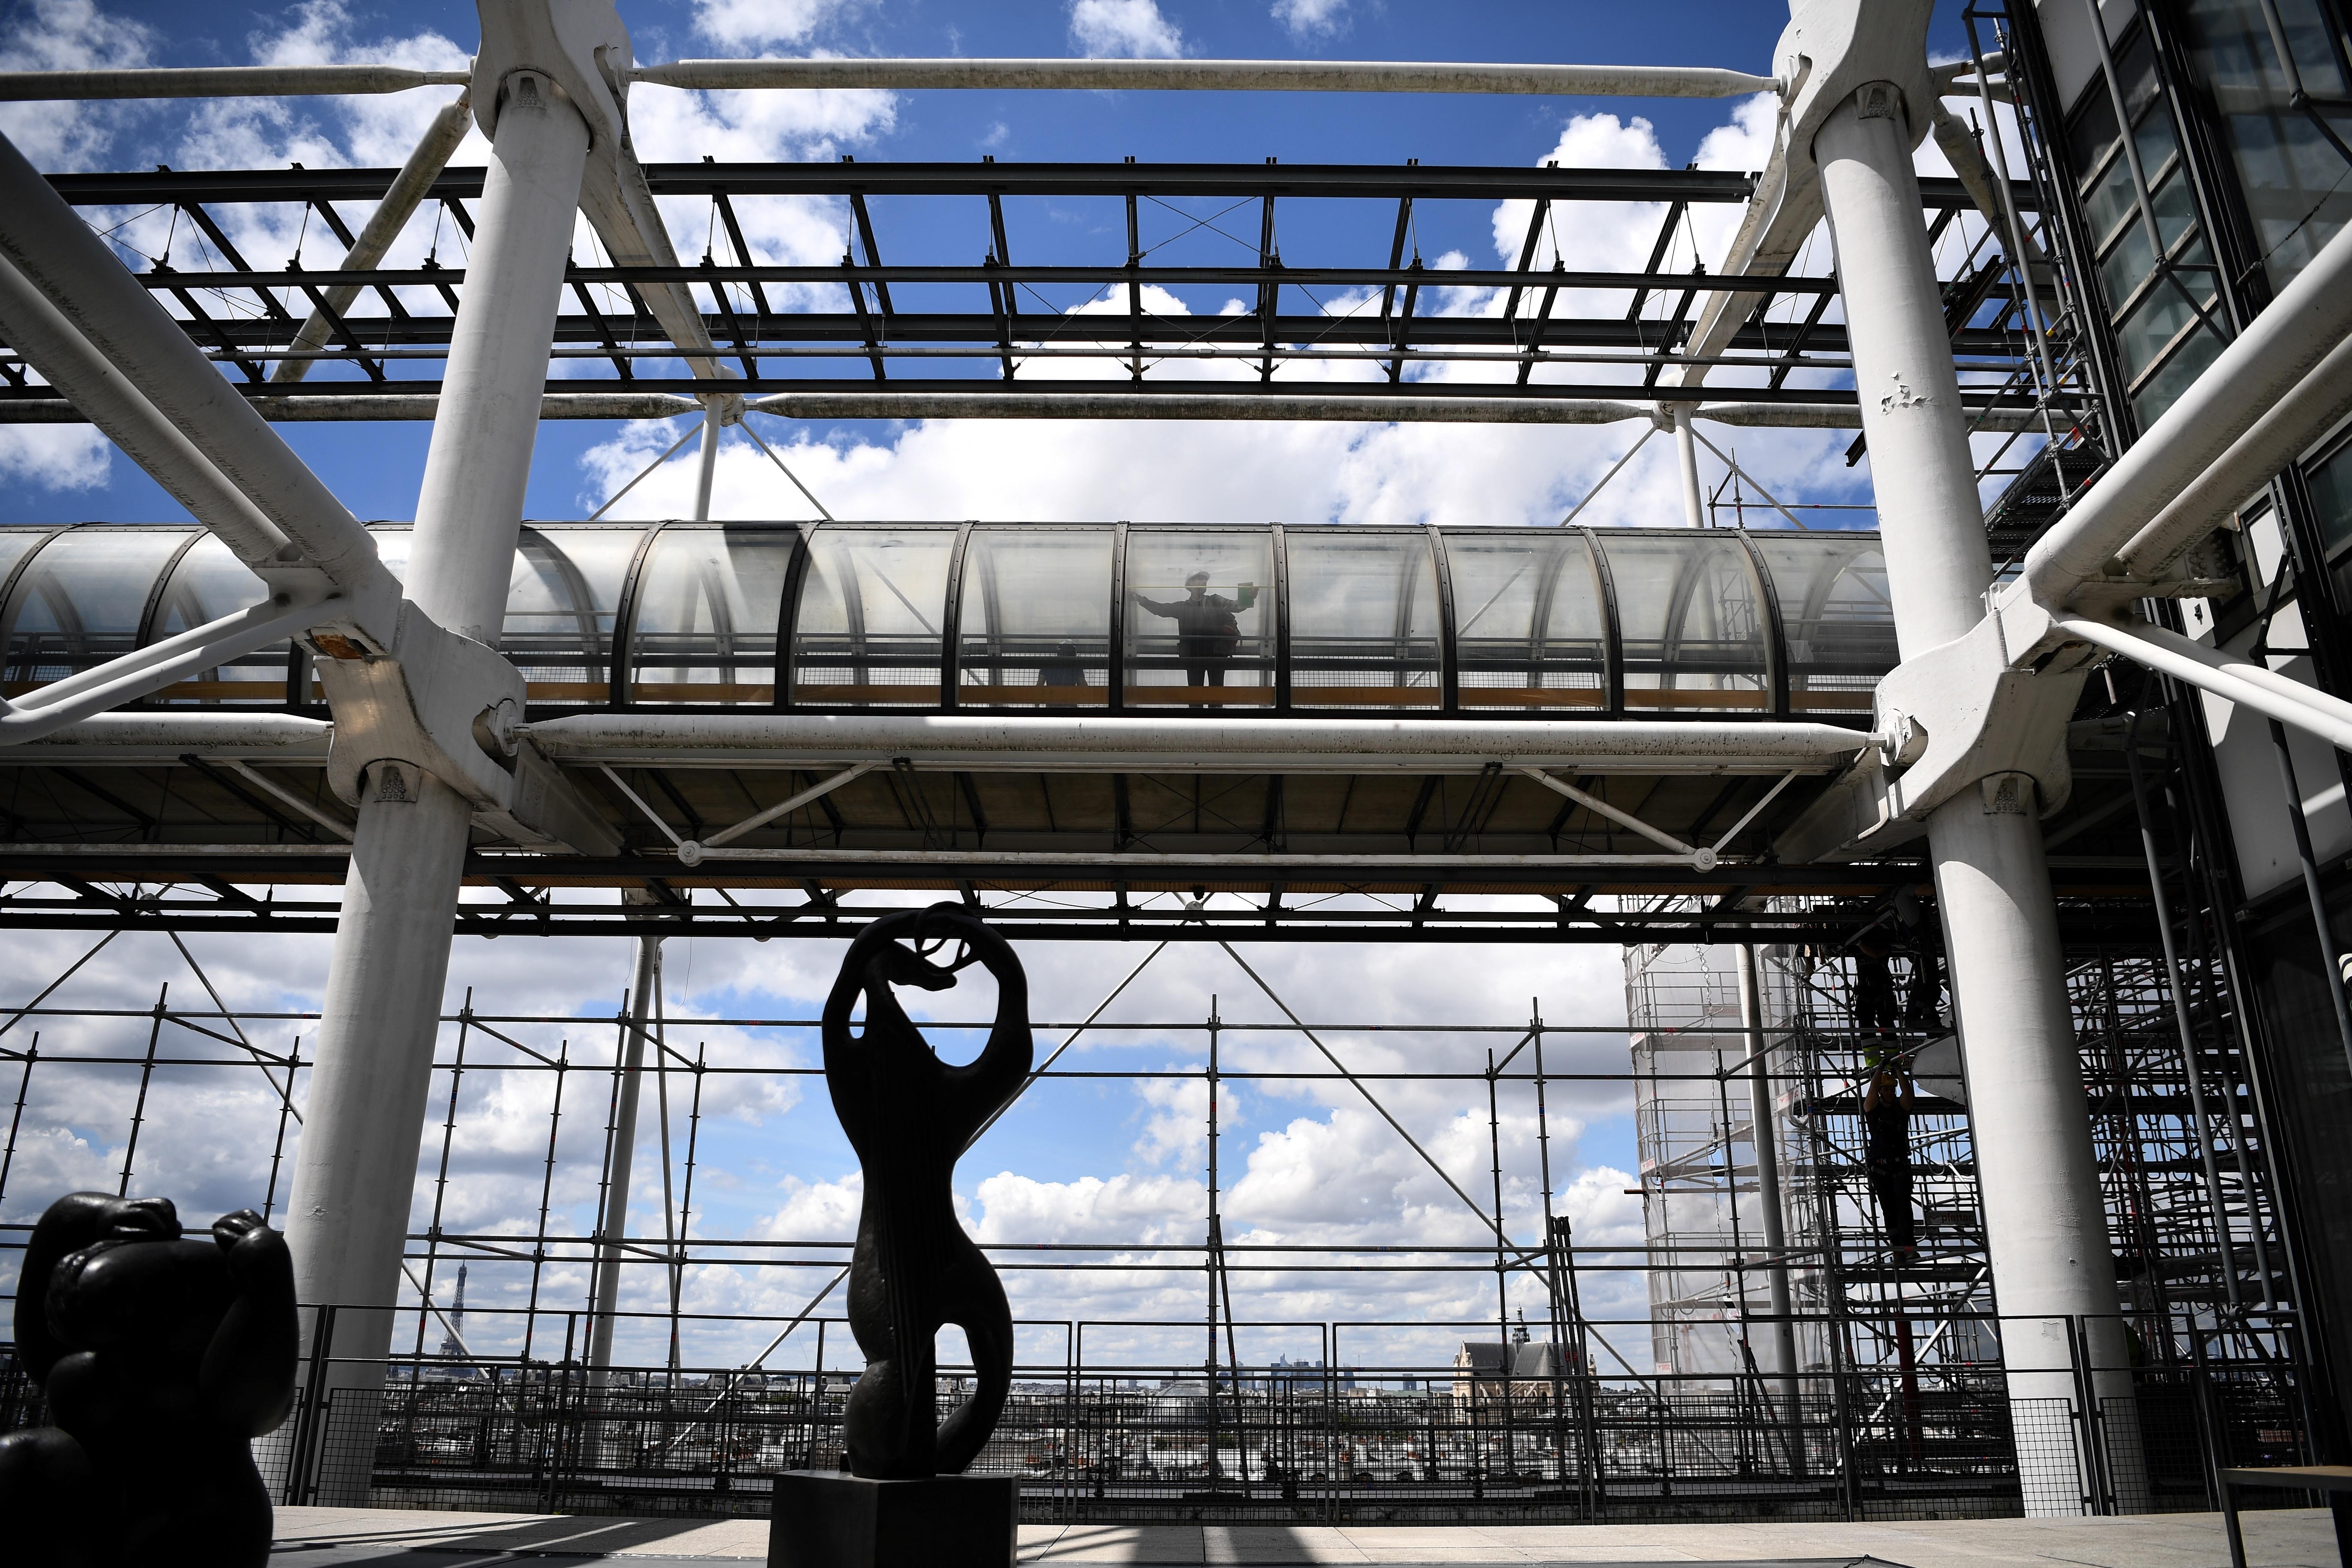 2023-ban 4 évre bezár a Pompidou központ